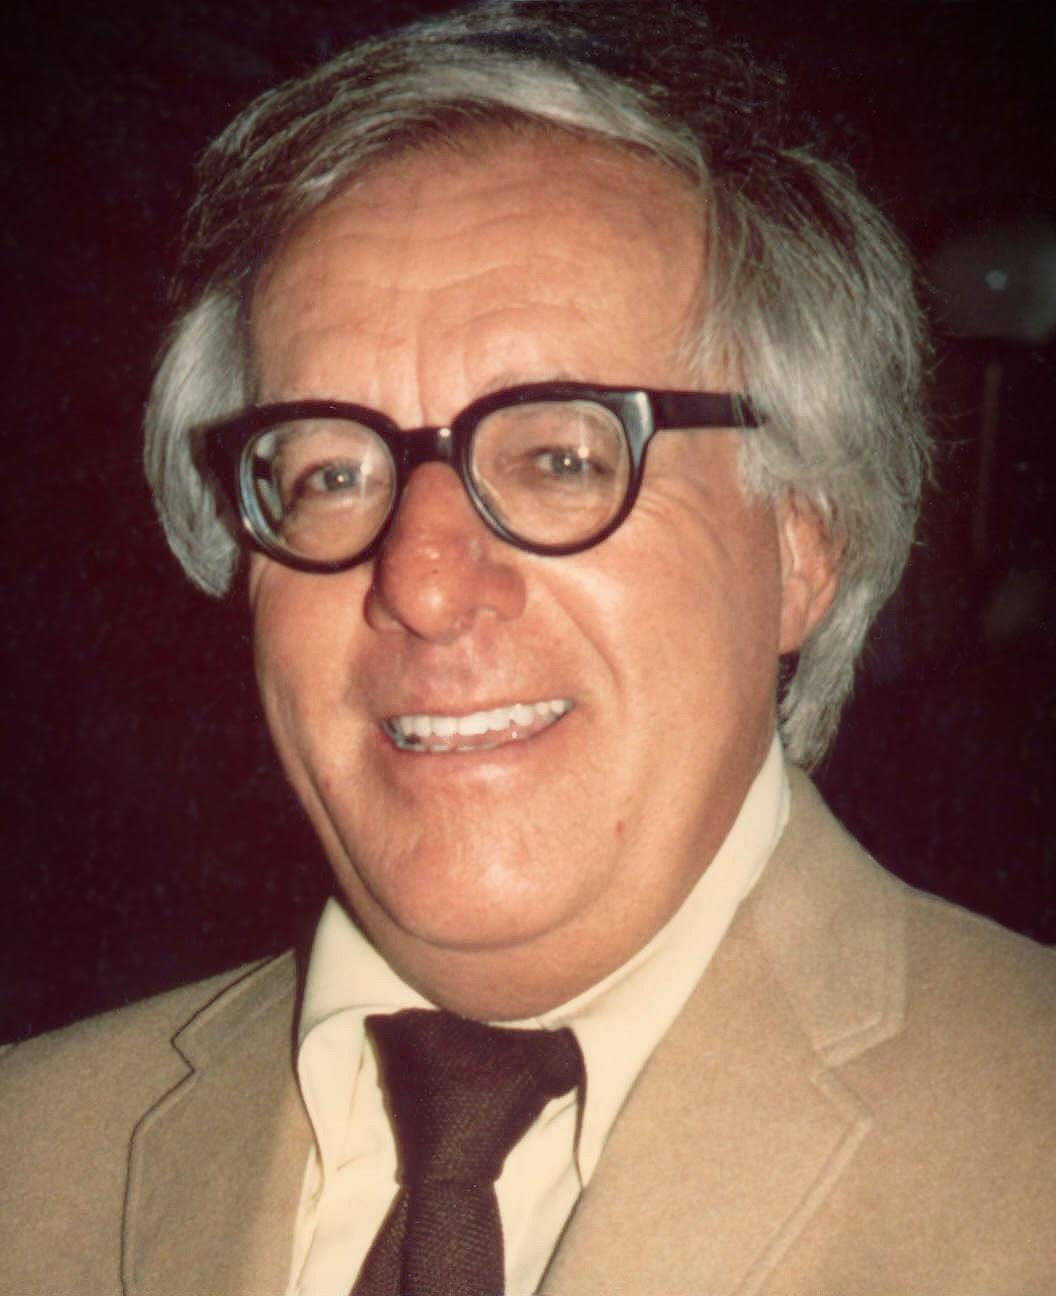 Picture - Ray Bradbury from http://upload.wikimedia.org/wikipedia/commons/6/69/Ray_Bradbury_(1975)_-cropped-.jpg